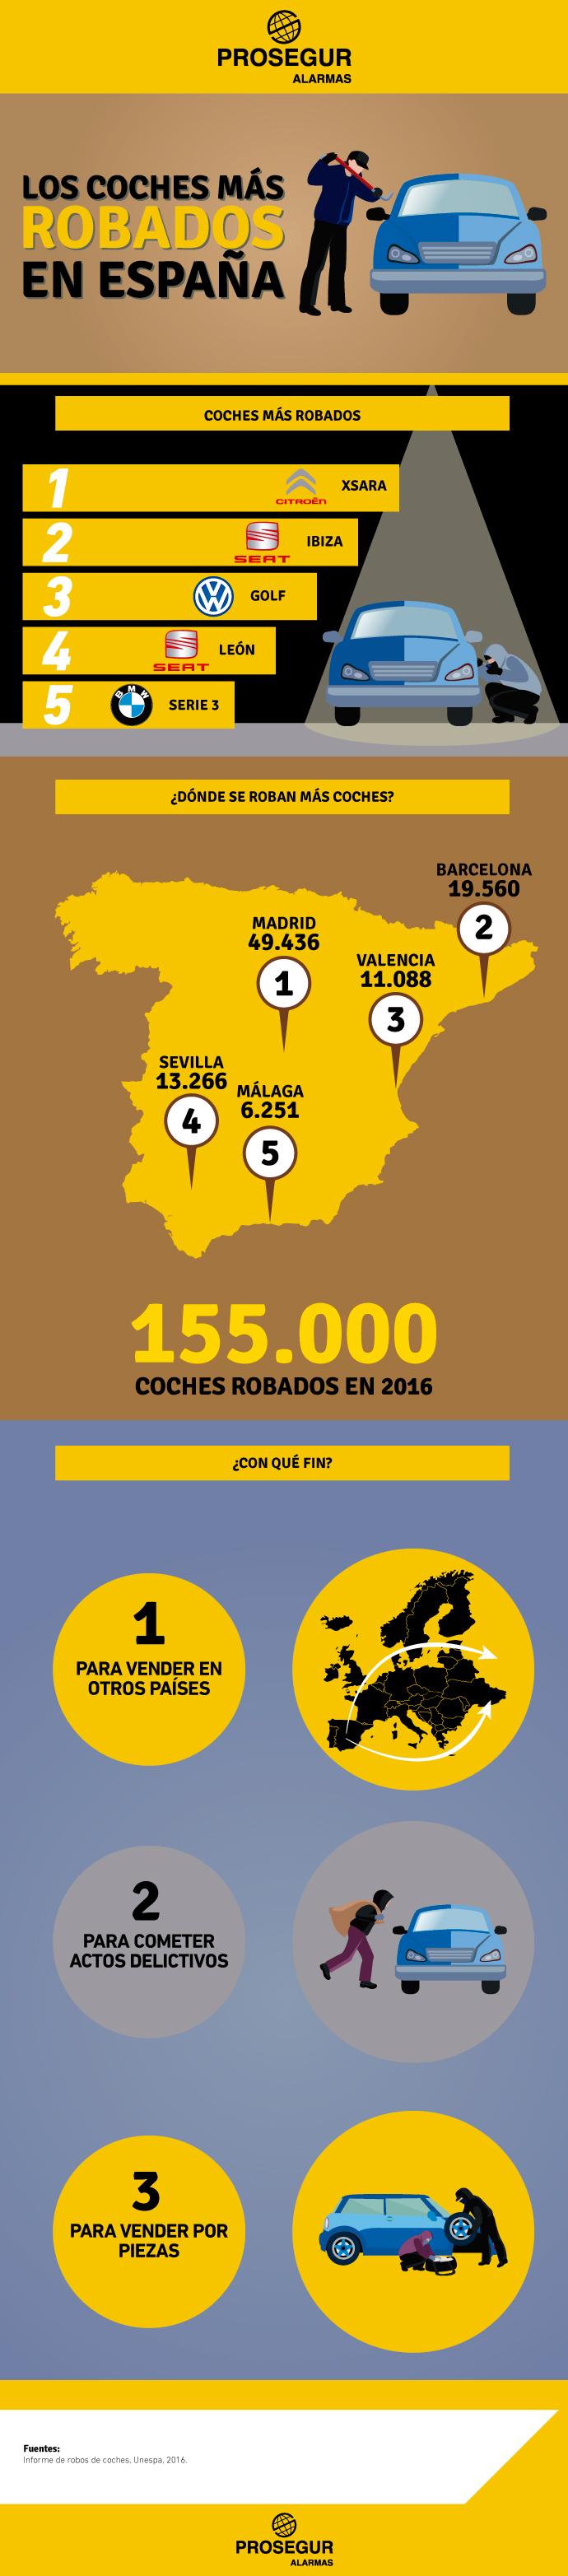 7 coches más robados en España - Blog Prosegur